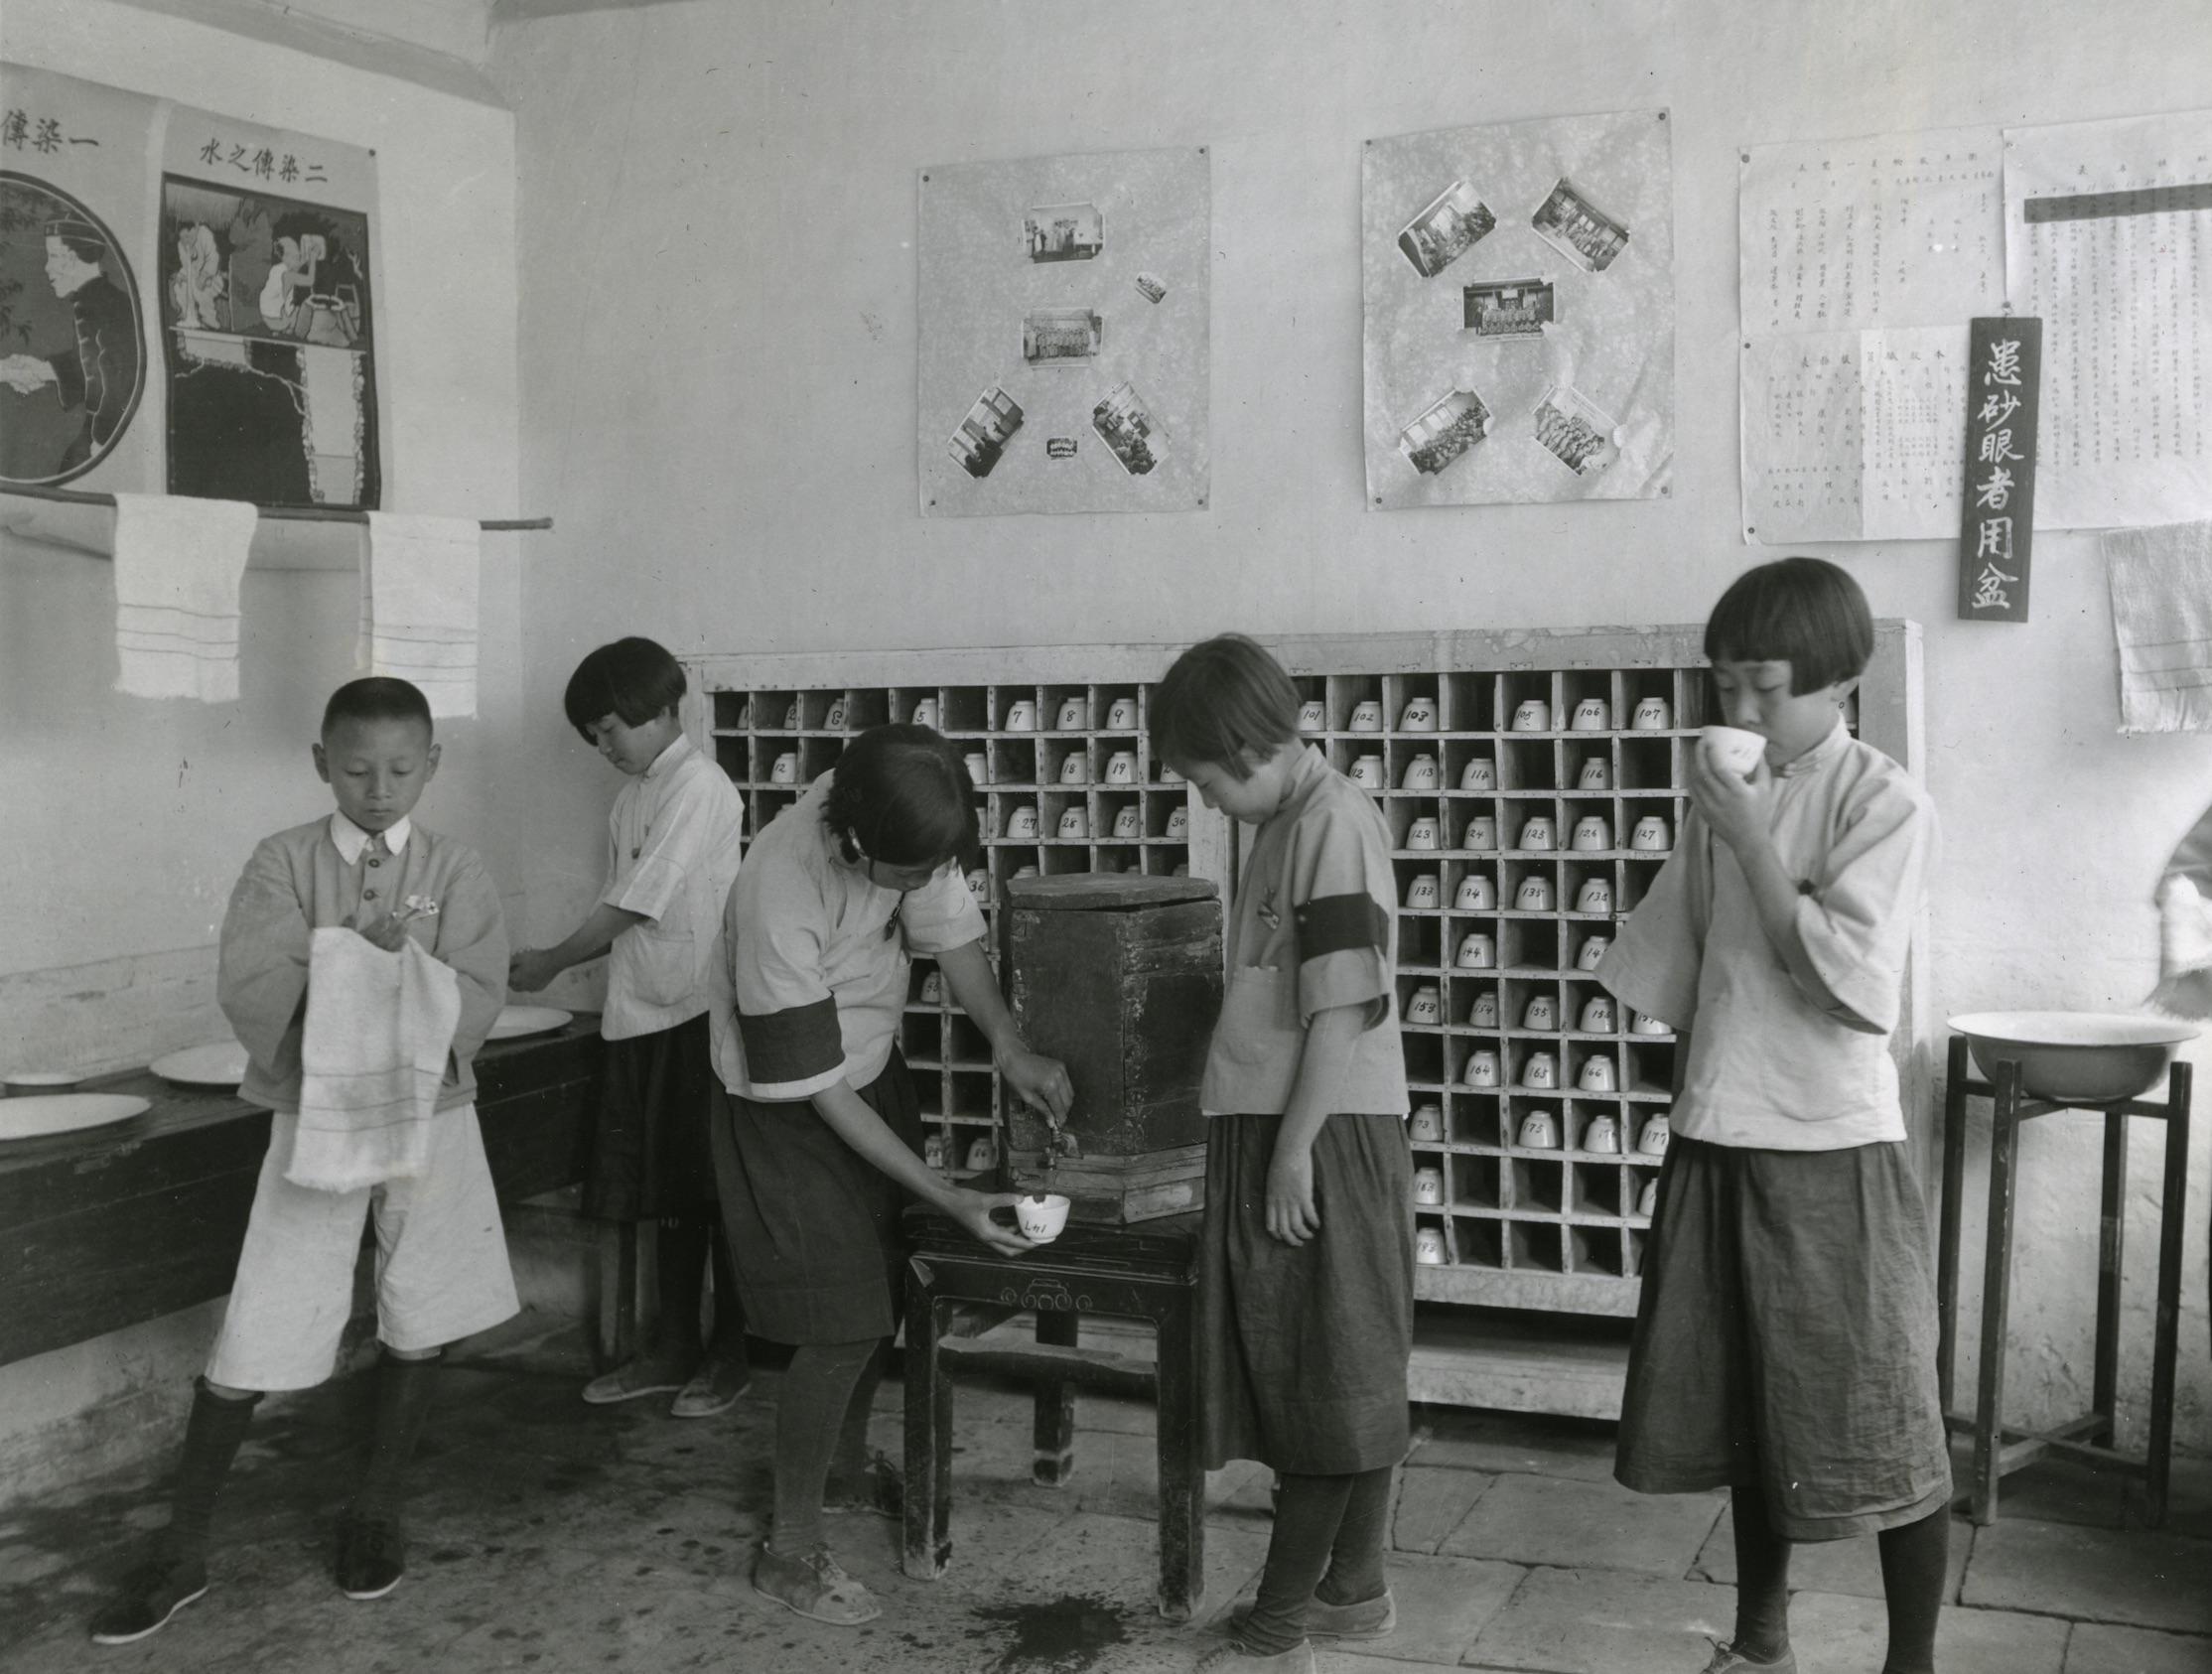 1920-30 年代,著名公衛學家蘭安生與同事們,教導學童使用個人水杯、毛巾。衛生運動影響了生活用具,同時,這些器皿也改變我們切身的身體習慣與感受,建構出全新的衛生感和自我認同。圖│洛克斐勒檔案中心(Rockefeller Archive Center)